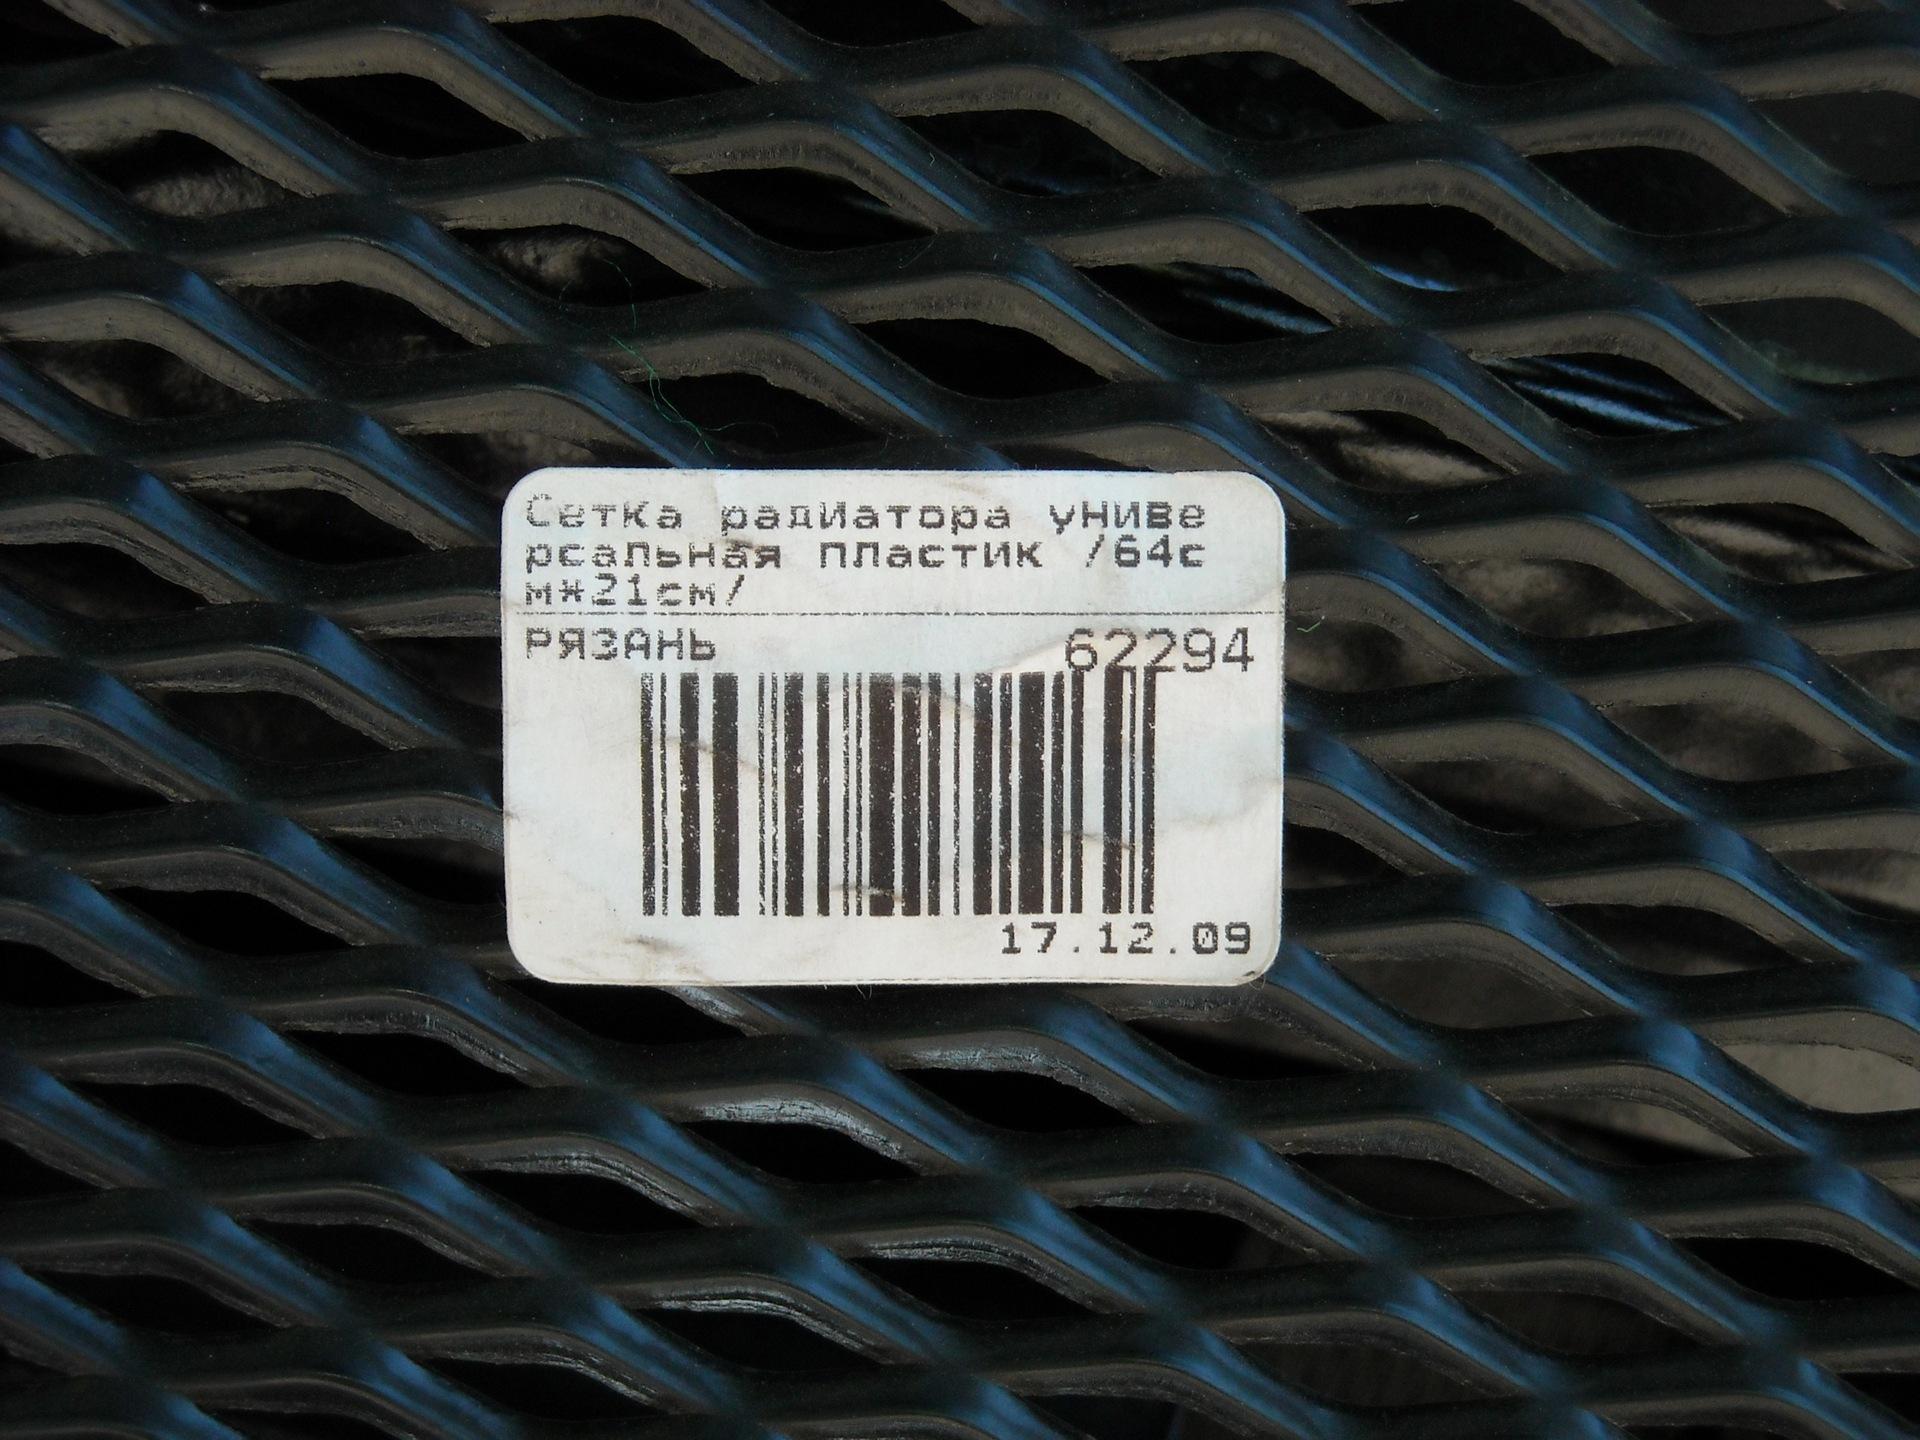 Купить сетку в бампер Спб, защита радиатора сетка в